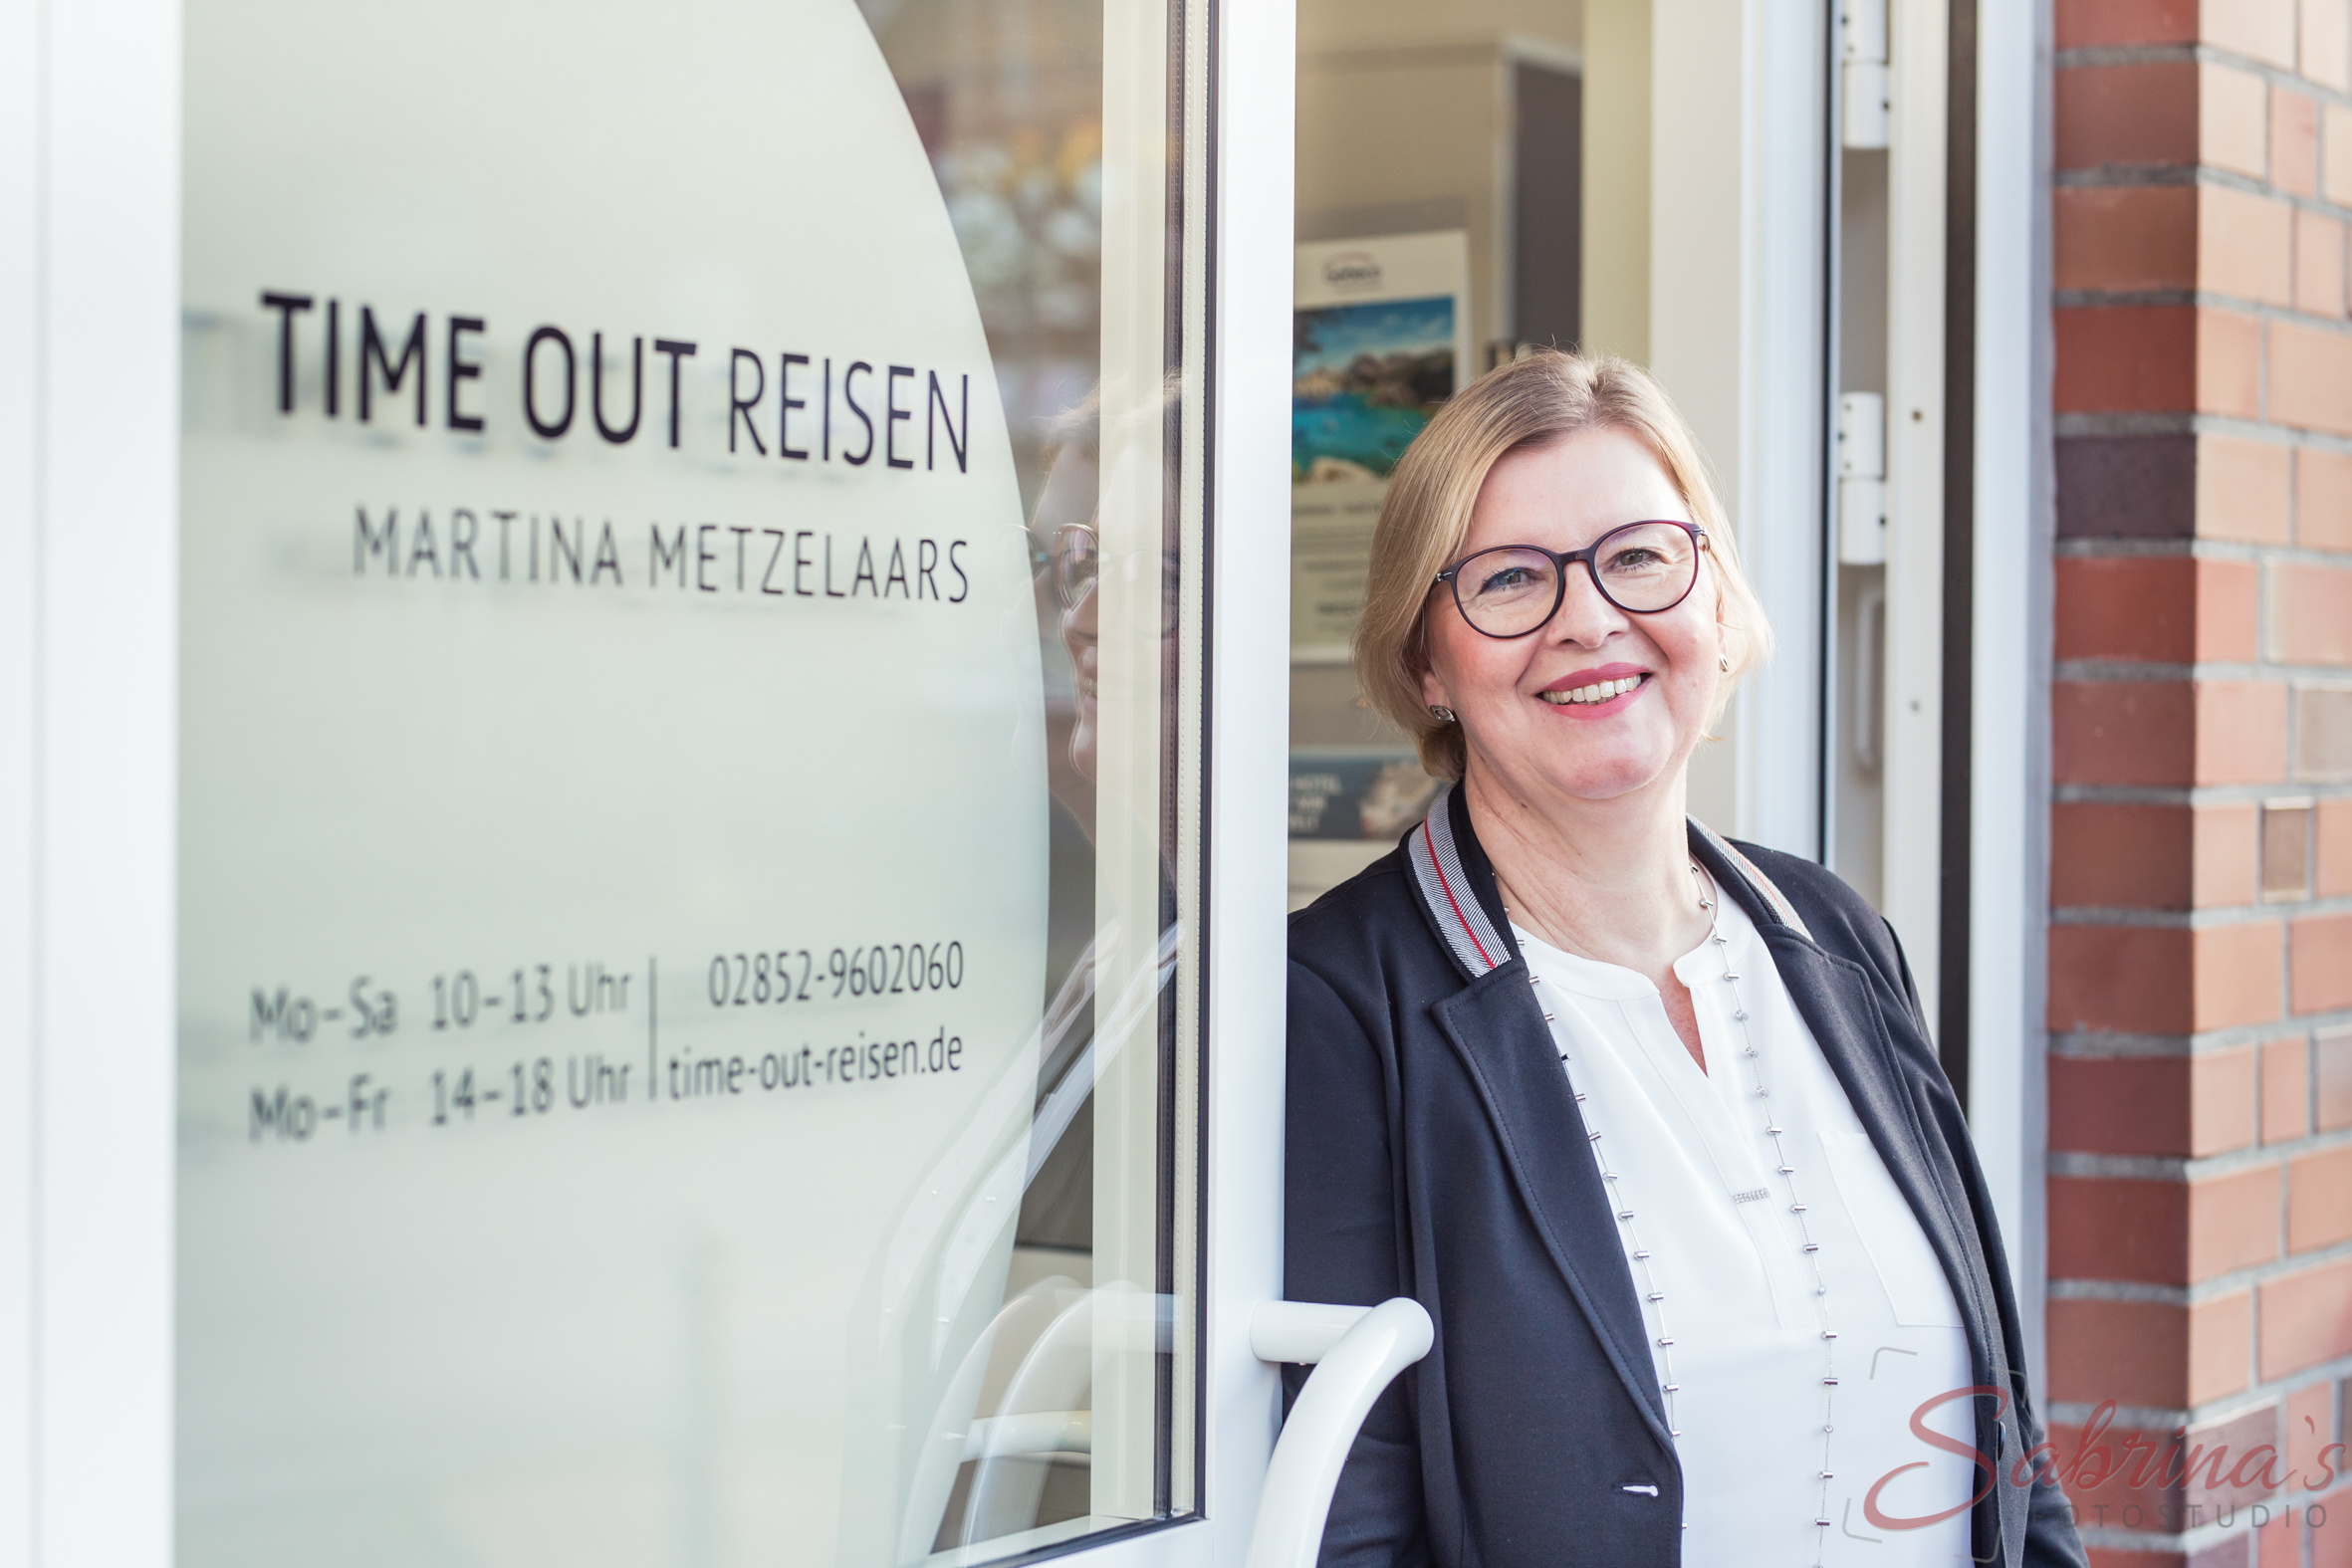 Eingangstür von Time out Reisen - Sabrina's Fotostudio in Hamminkeln, zwischen Wesel und Bocholt am Niederrhein